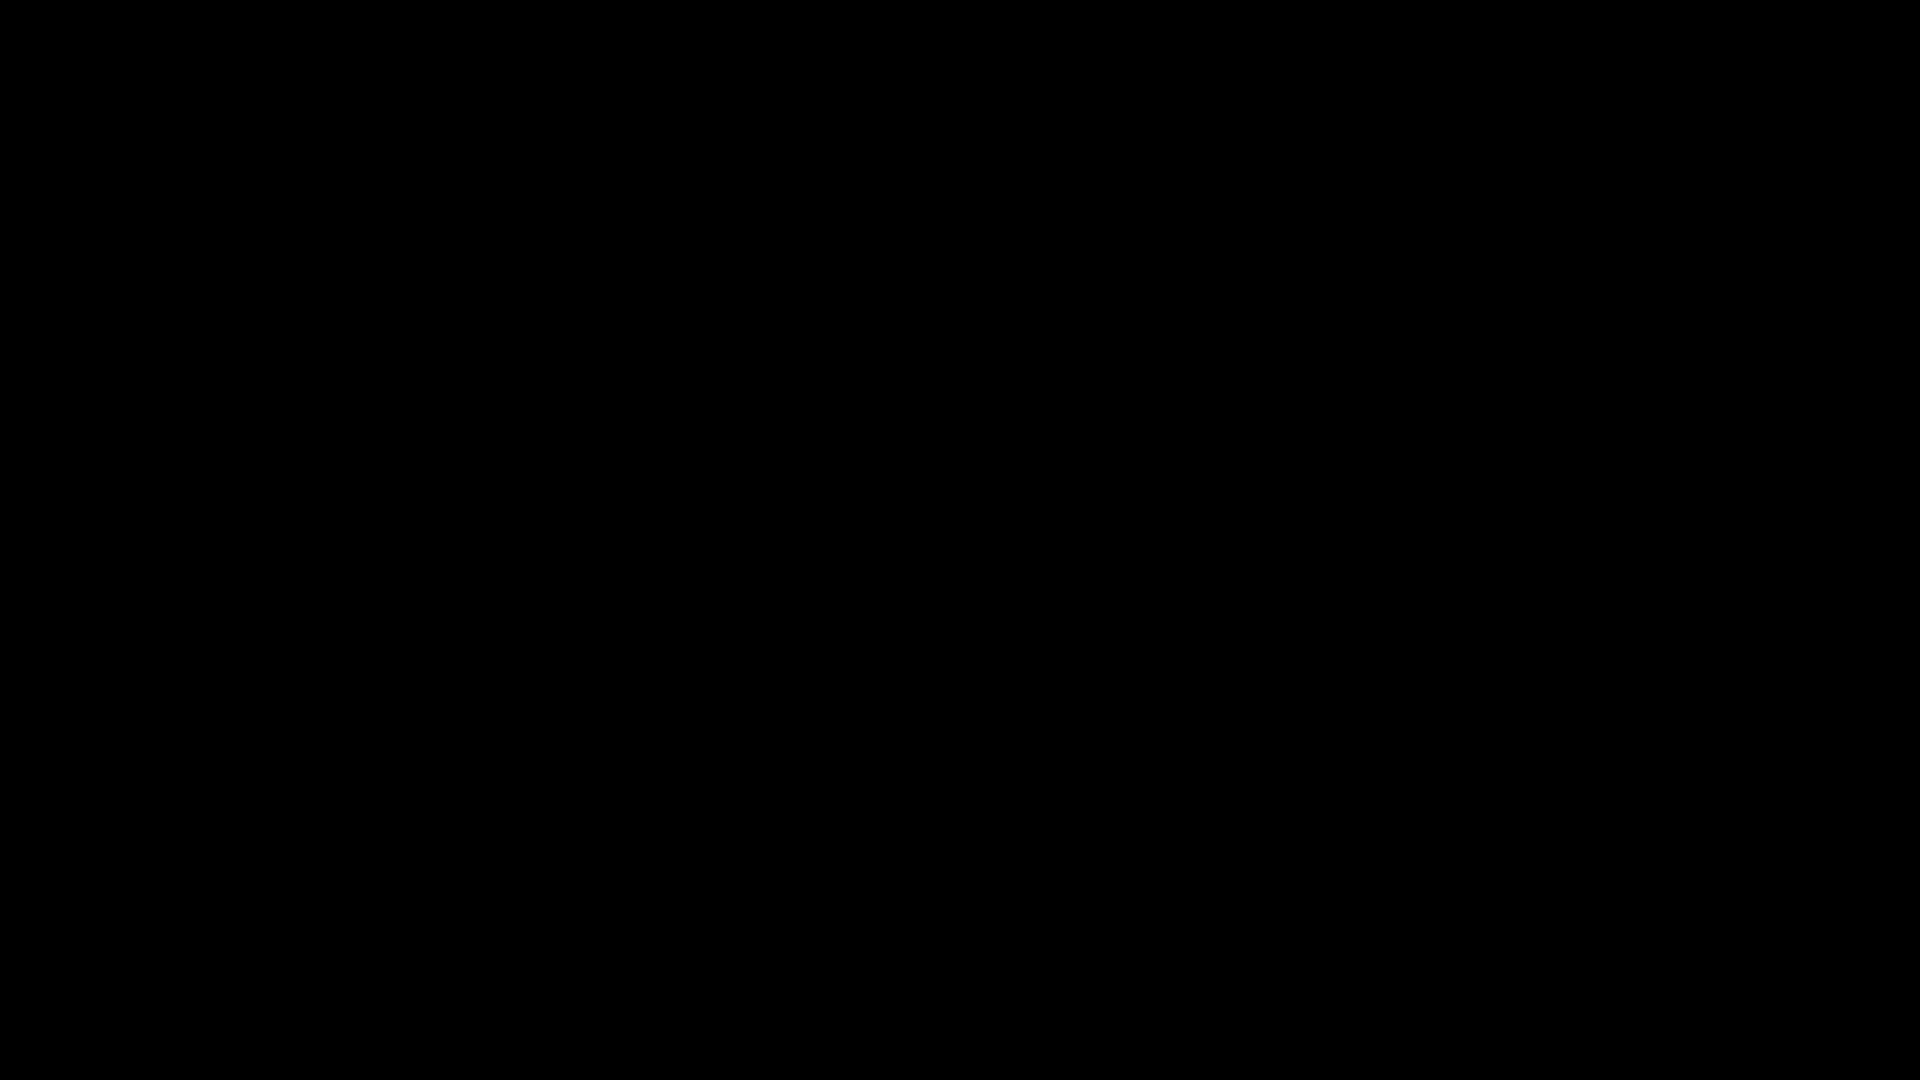 Valentina Semeraro Logopedia - Sfondo nero